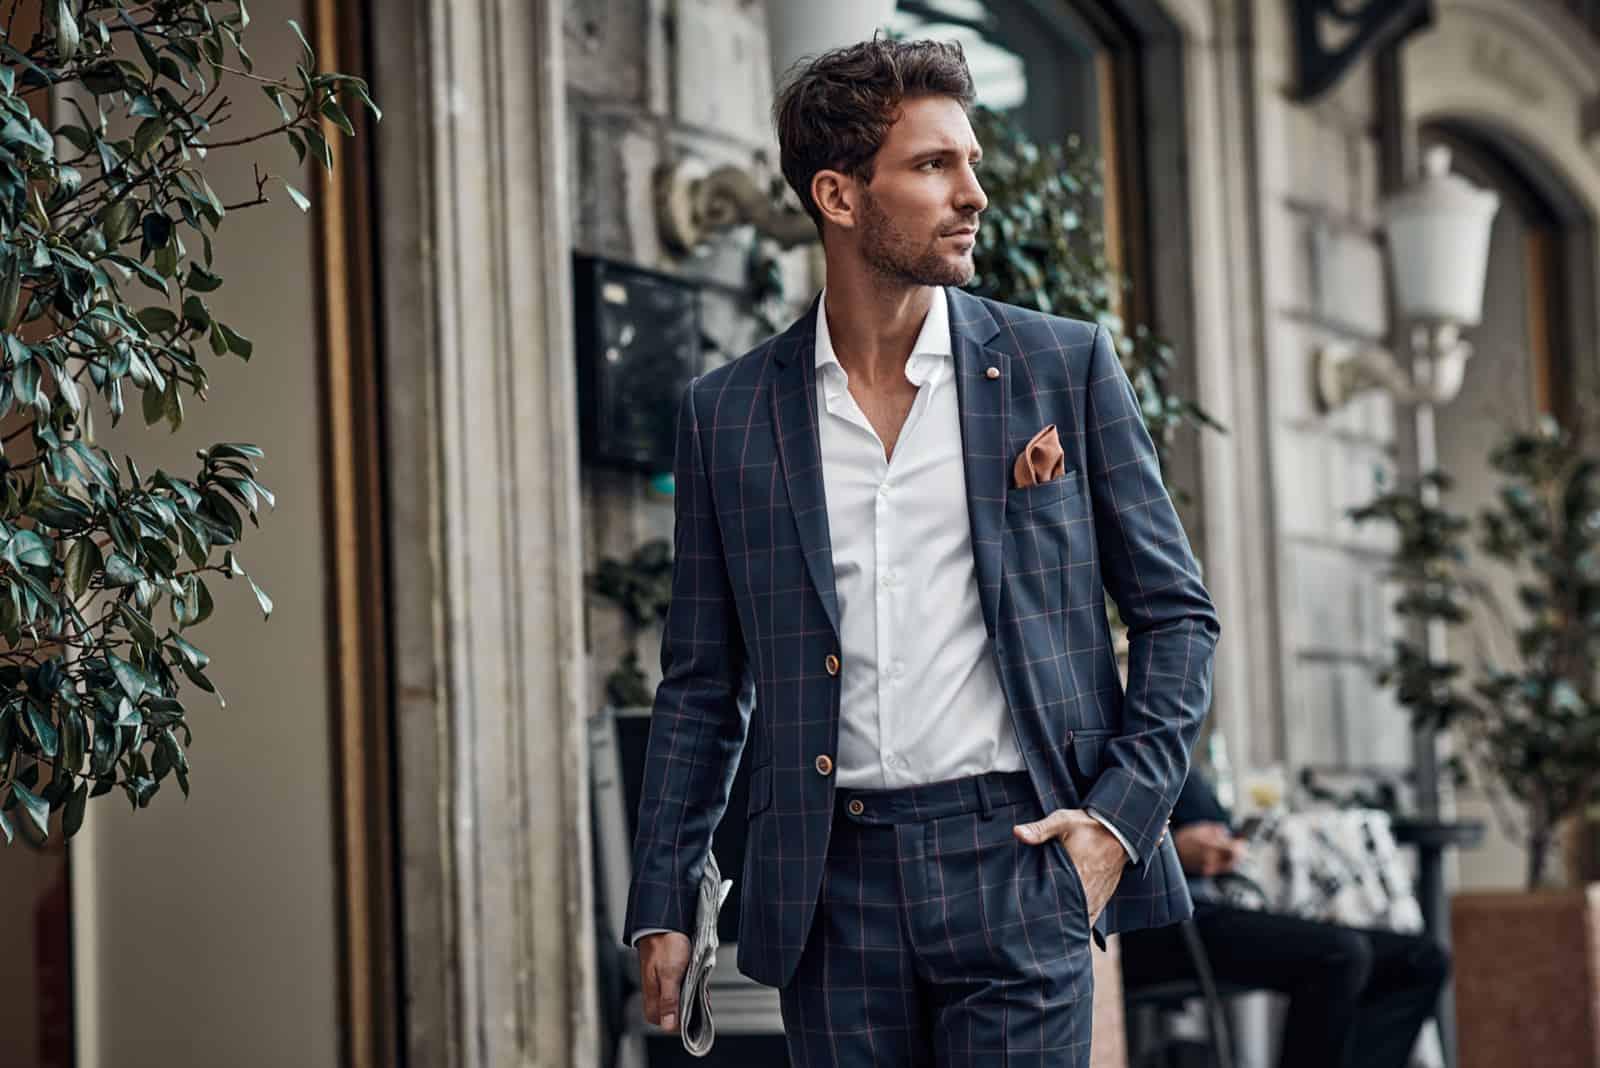 Hübsches männliches Model im karierten Anzug, das auf die Straße geht